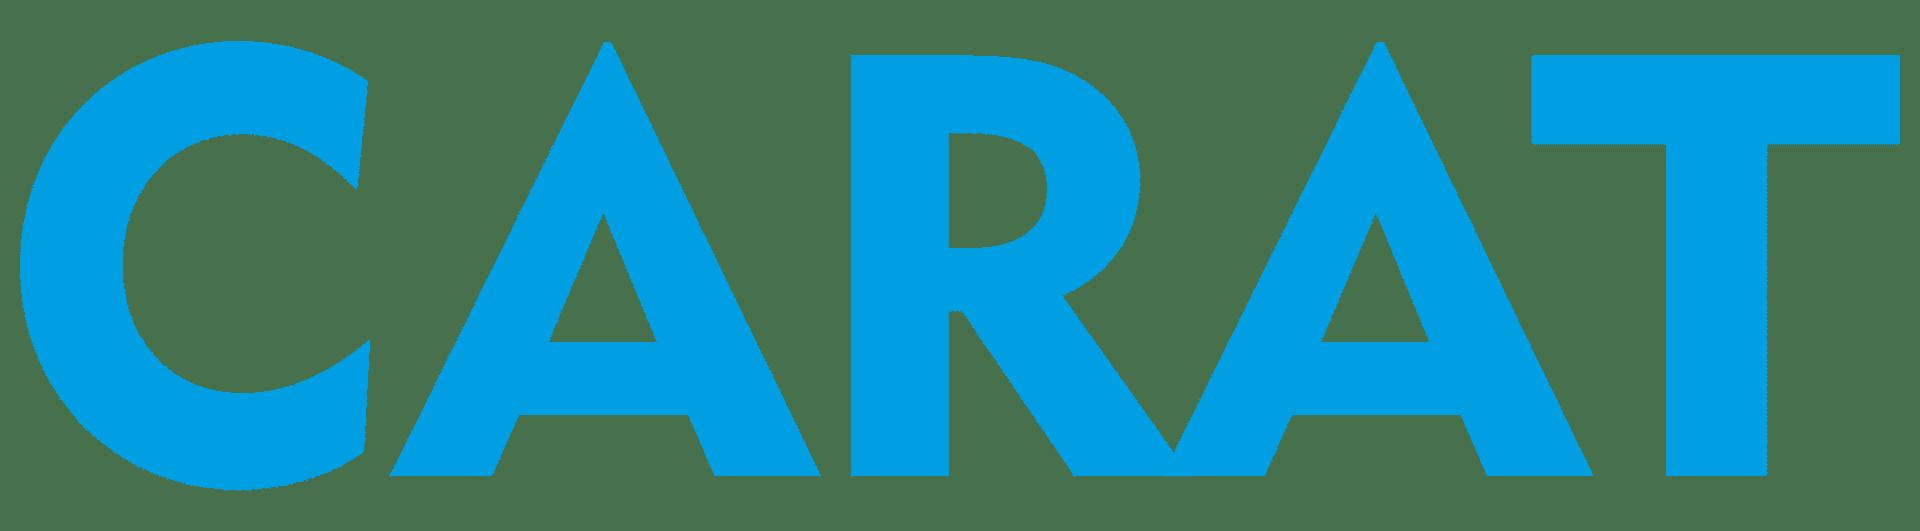 carat-logo-large